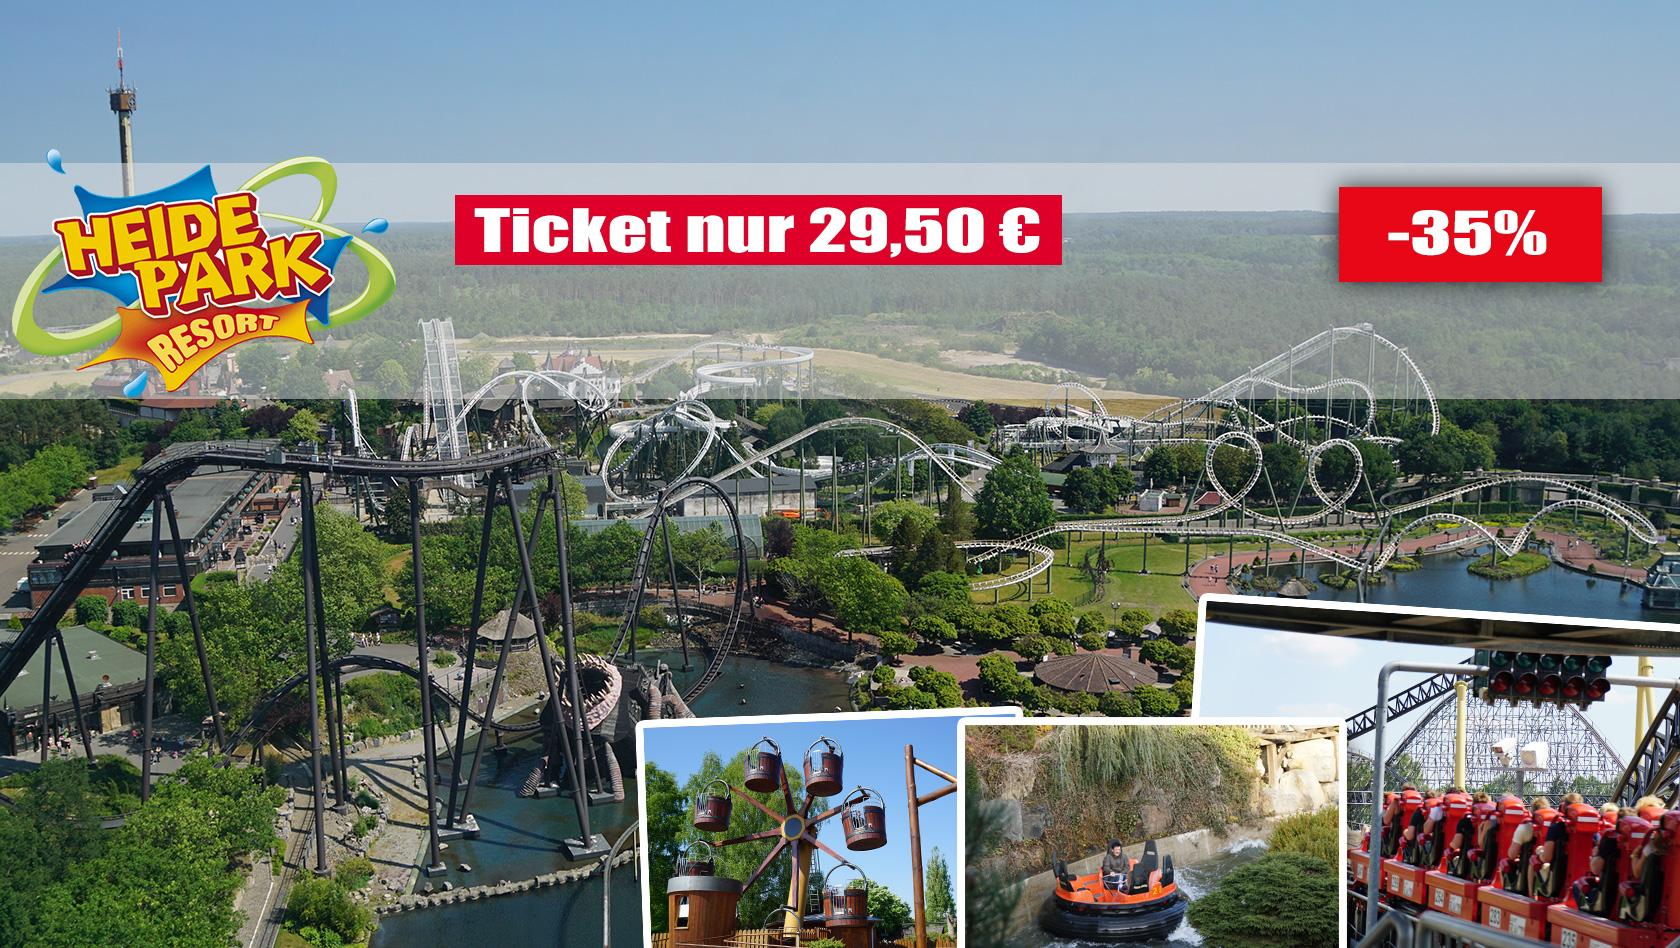 Heide park rabatt coupons